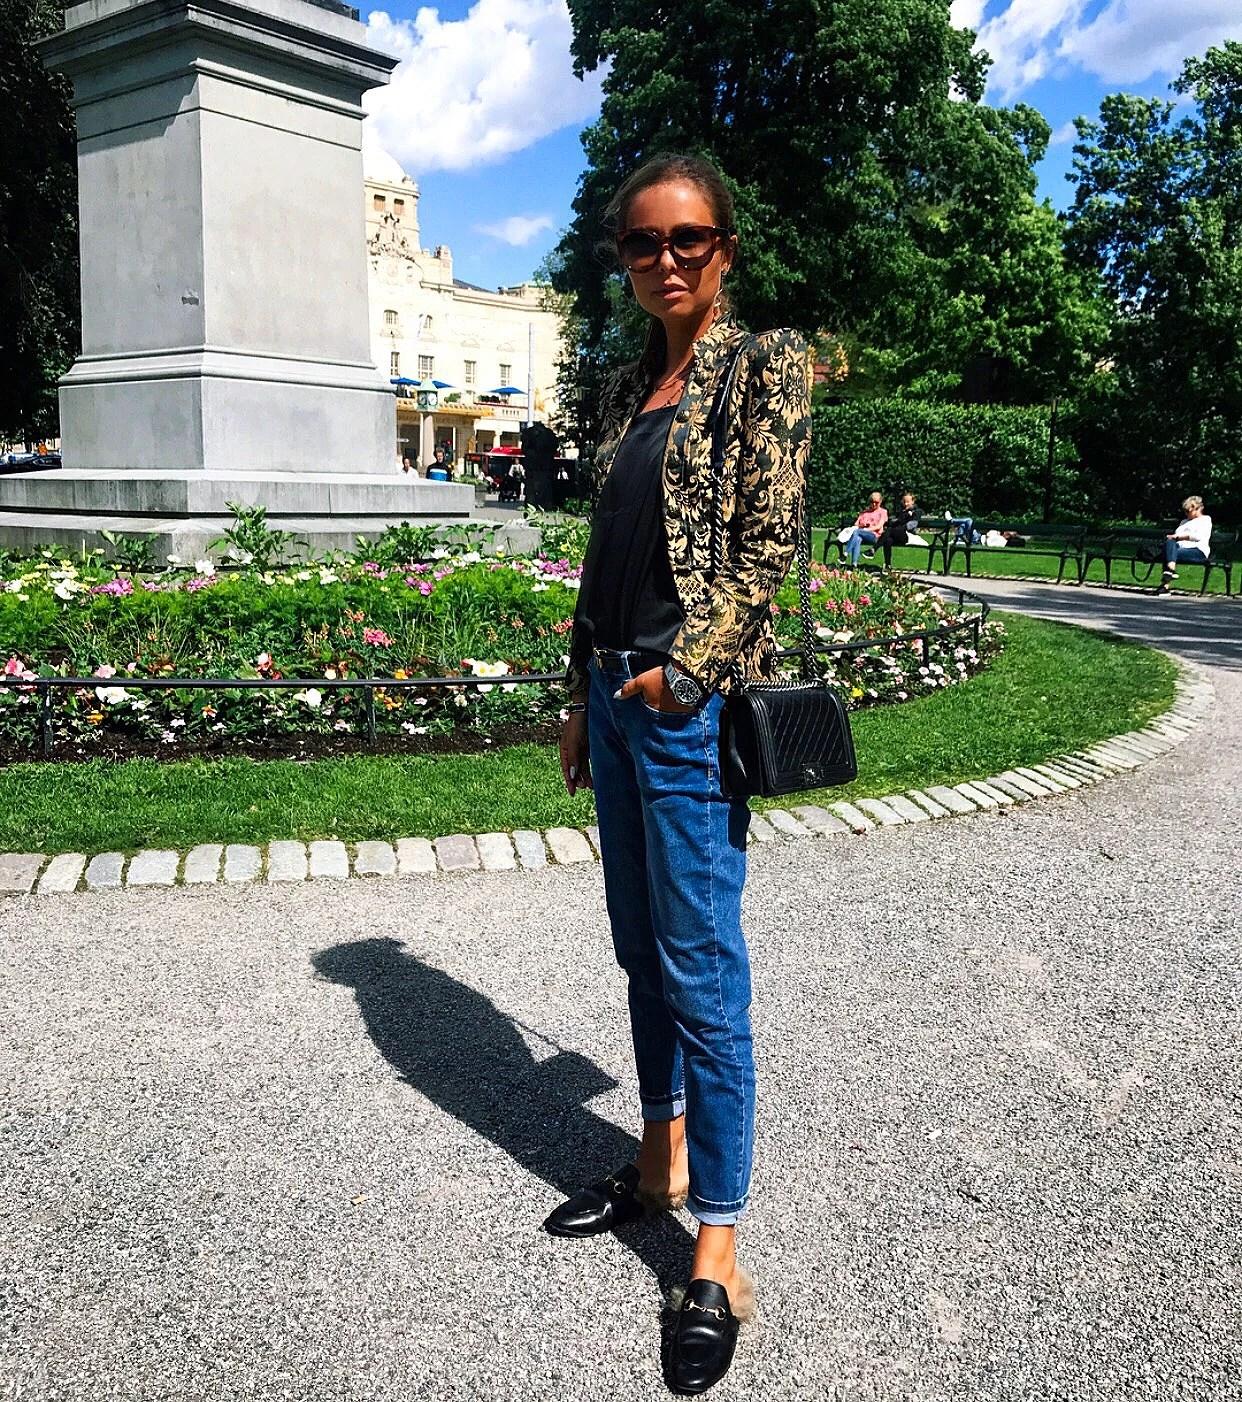 ARRIVED IN STOCKHOLM